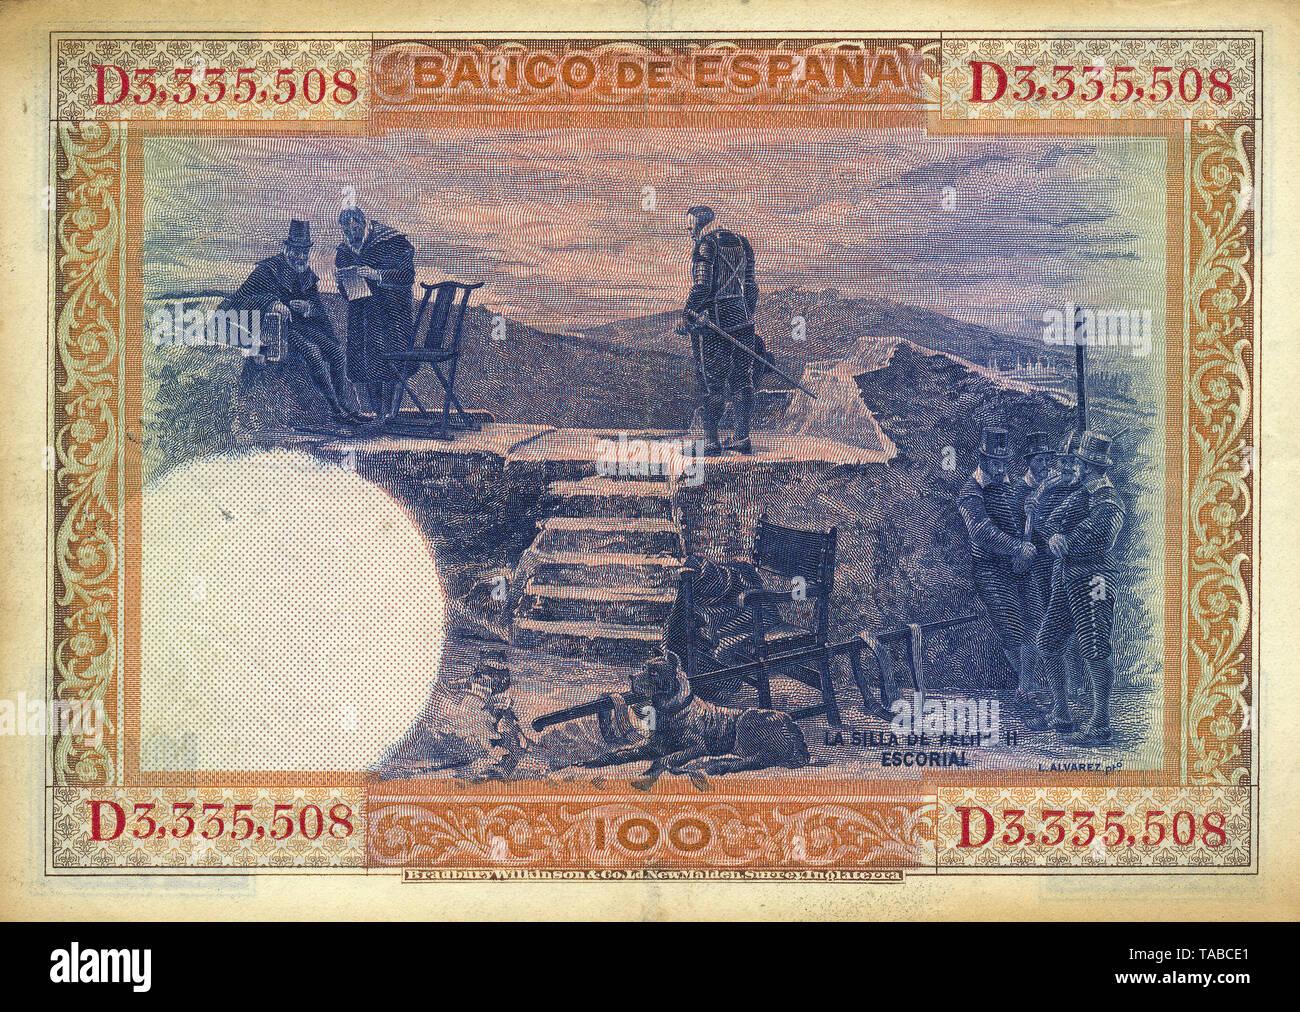 Banknote aus Spanien, 100 Peseten, Philipp II. von Spanien, Silla de Felipe II, El Escorial, 1925 Stockbild